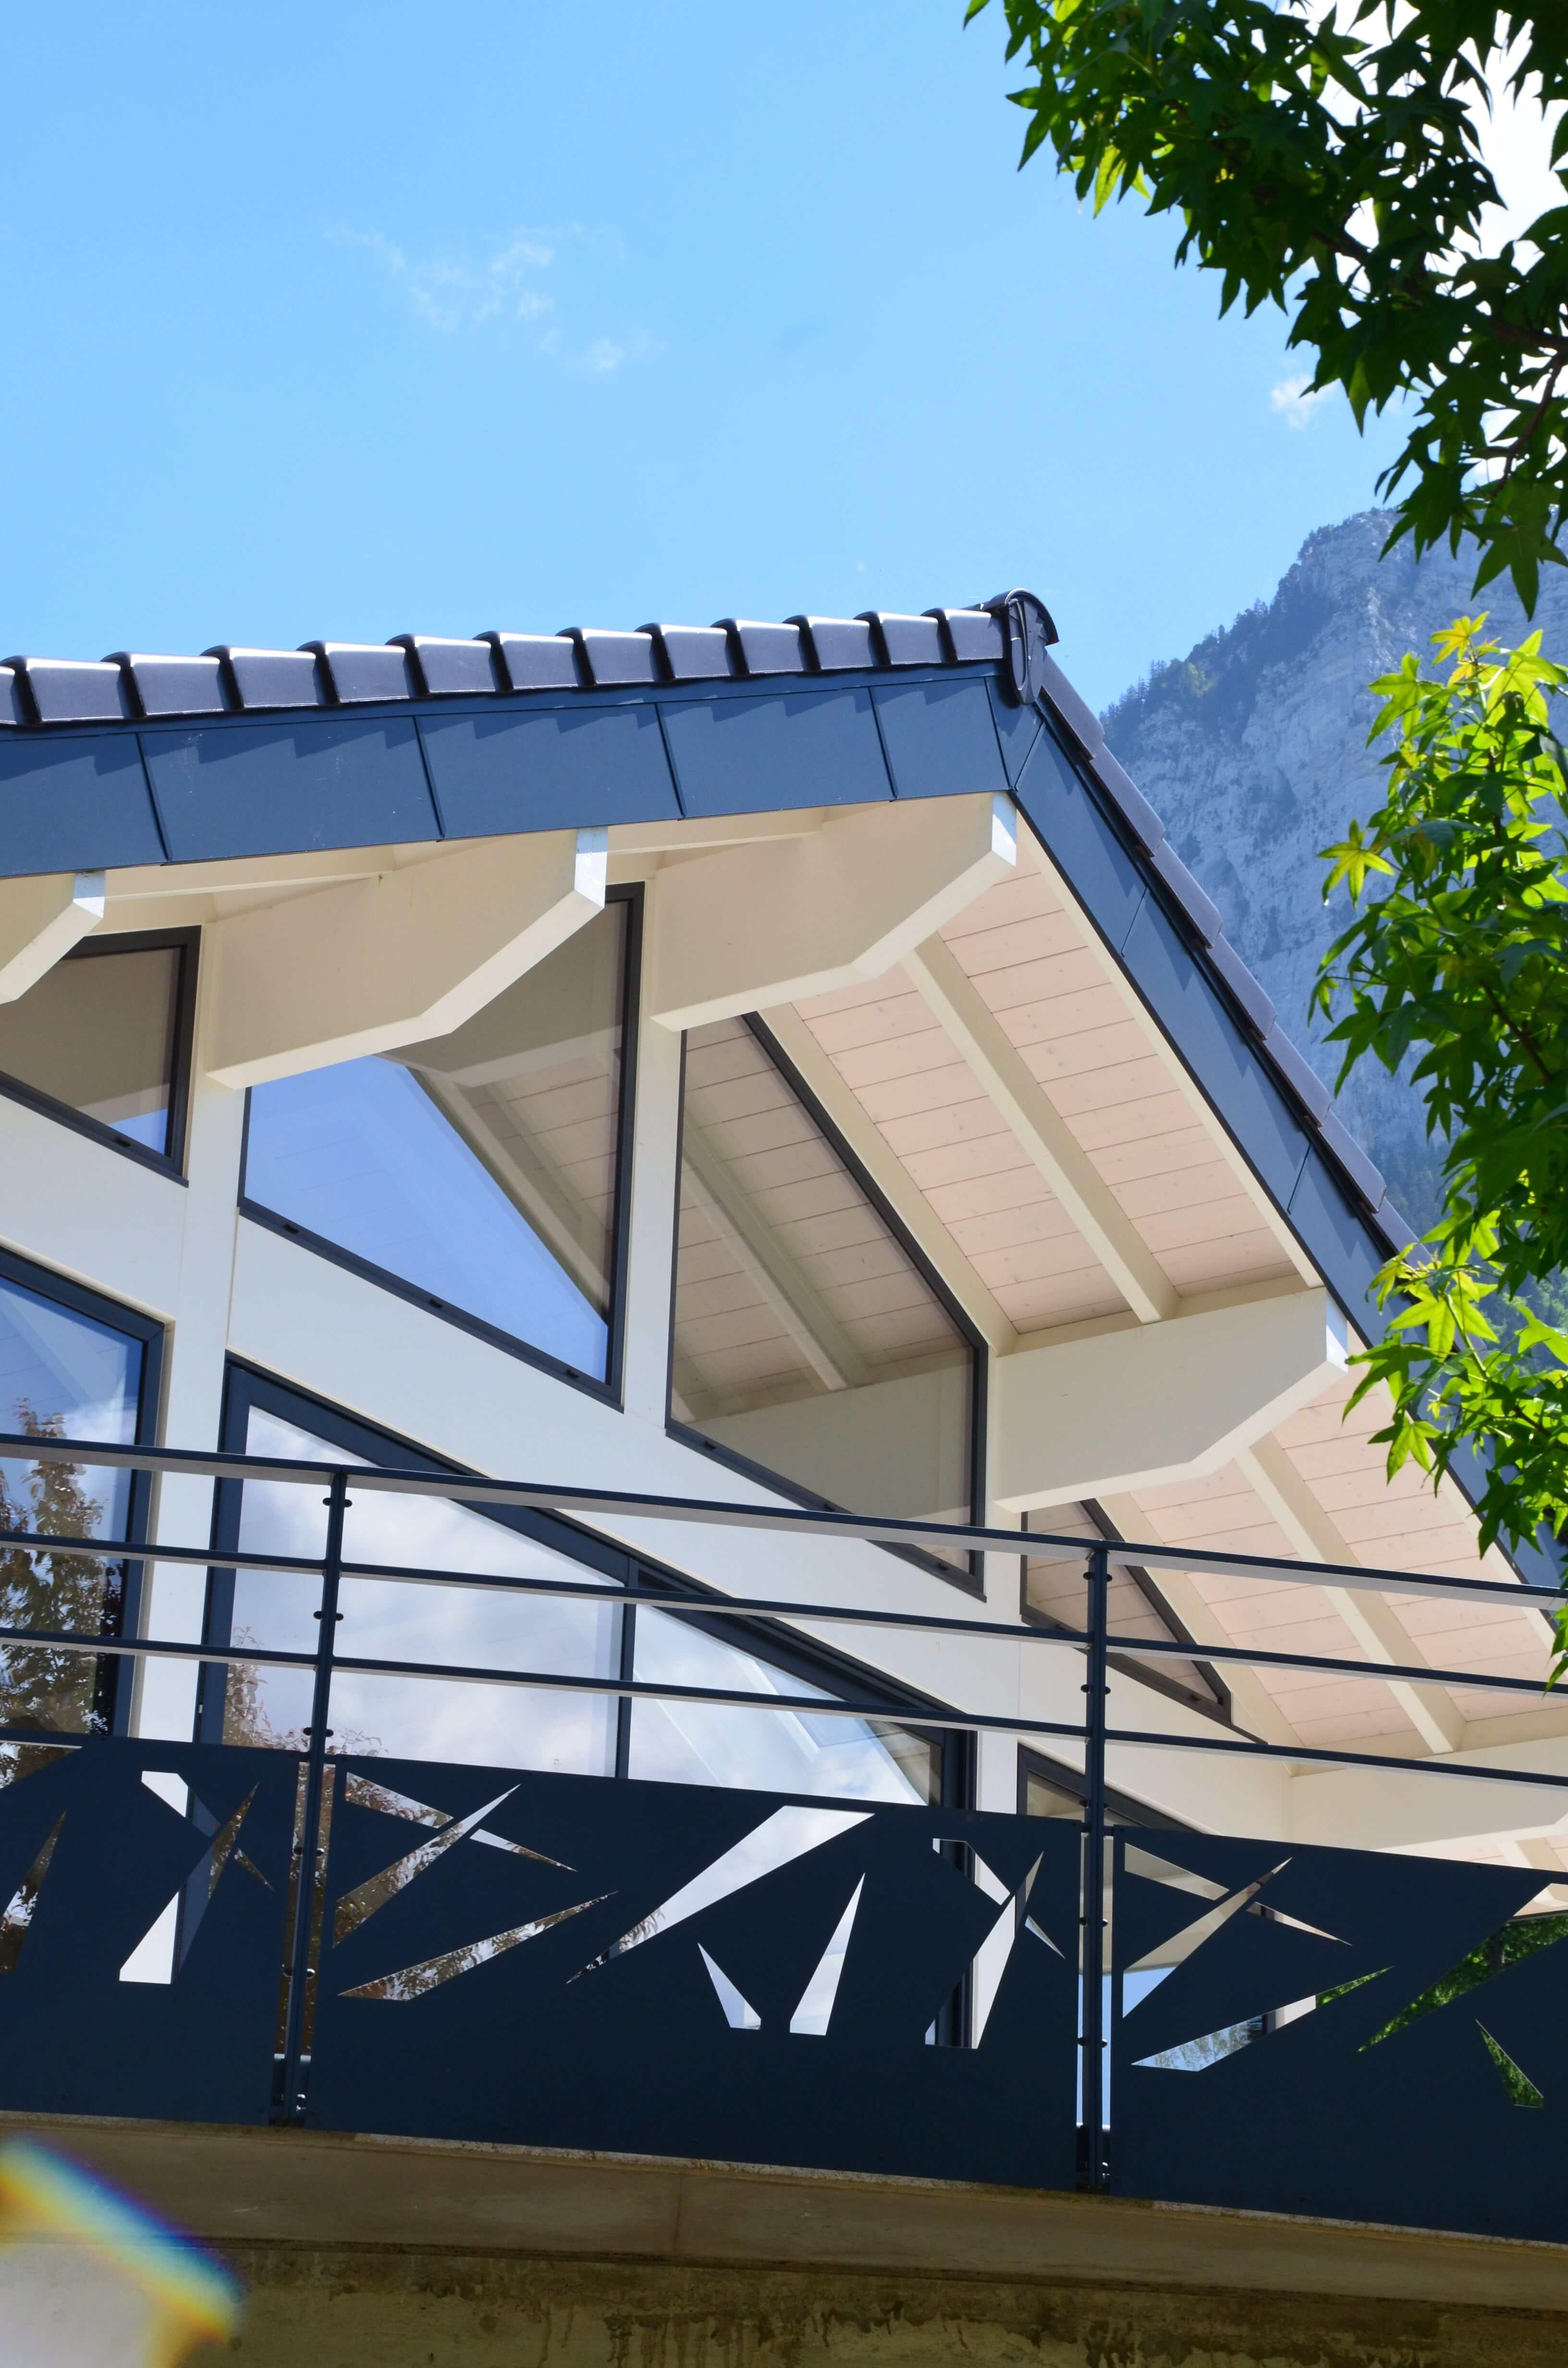 Robi design Métallique Annecy Garde-corps extérieur Diny-St-Clair 7423-min